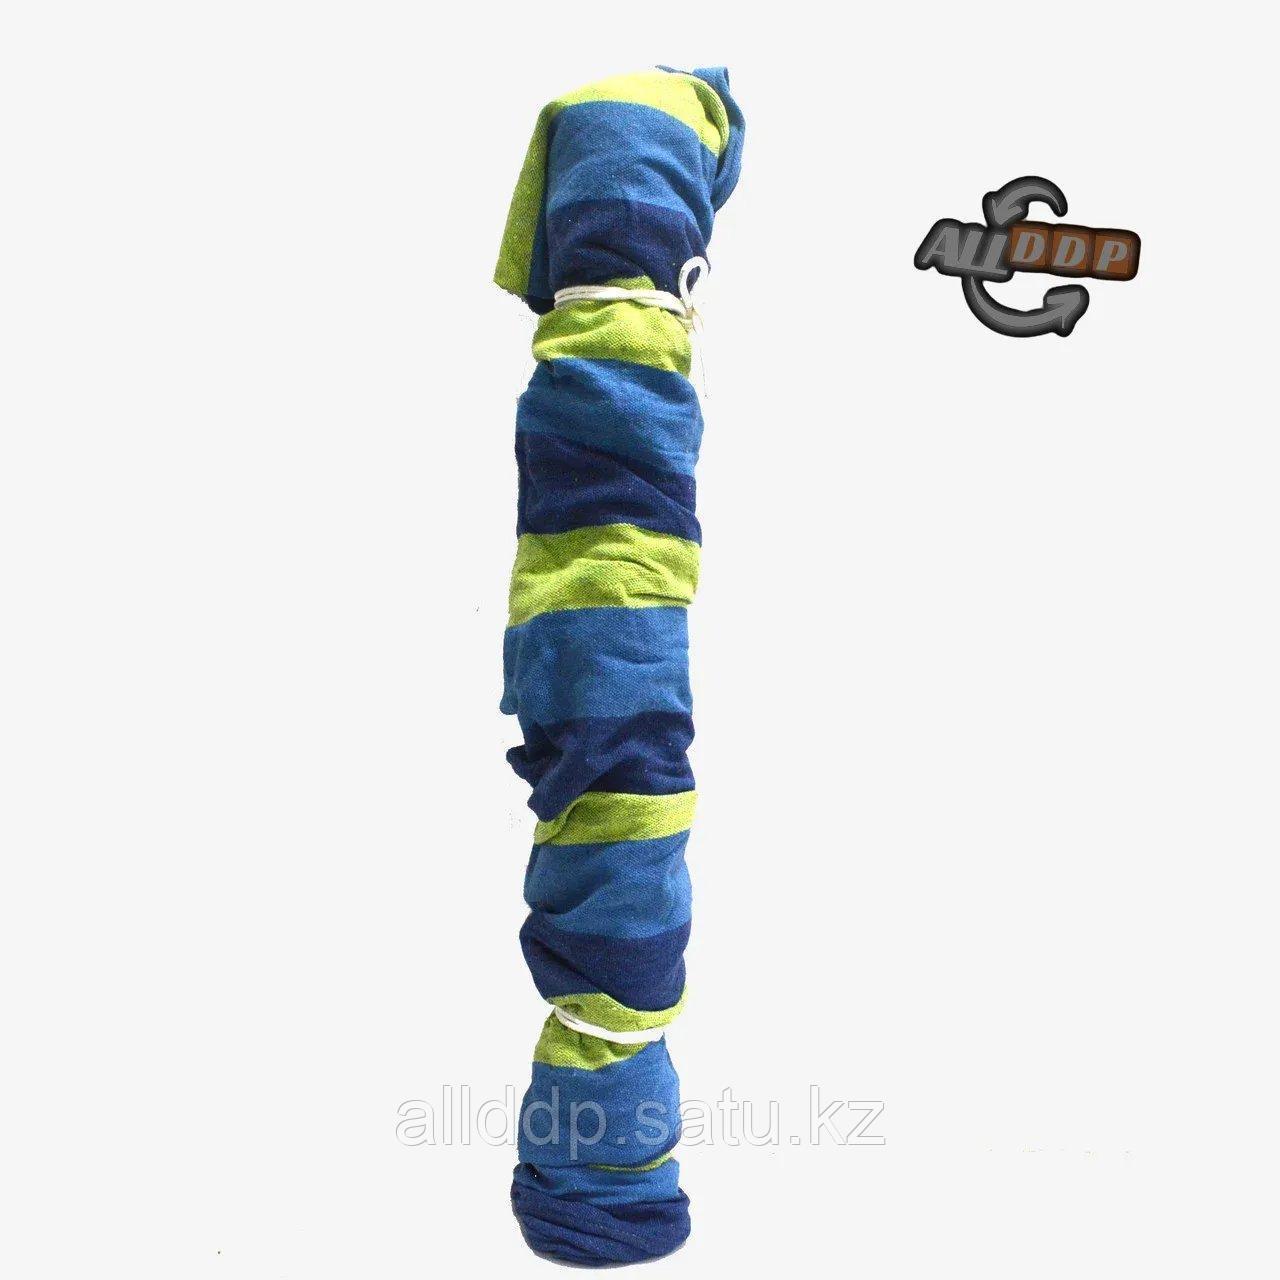 Гамак подвесной складной с деревянными планками 205х150 см в синих оттенках - фото 10